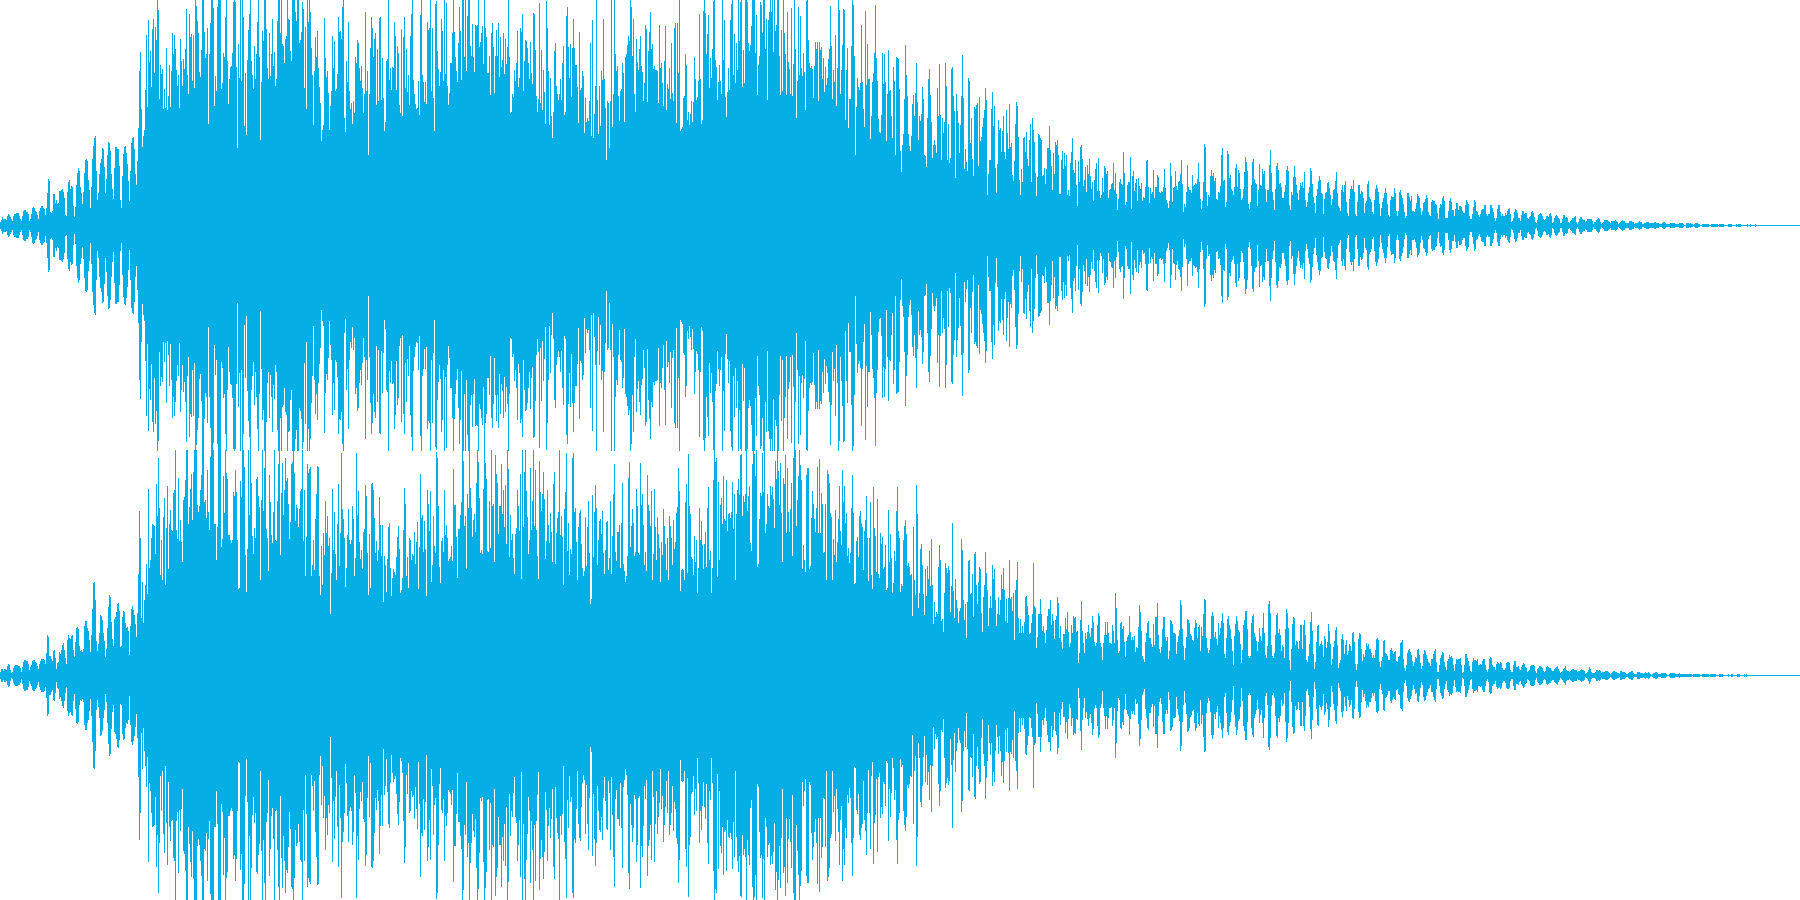 ゲーム/ファンファーレ_レベルアップの再生済みの波形